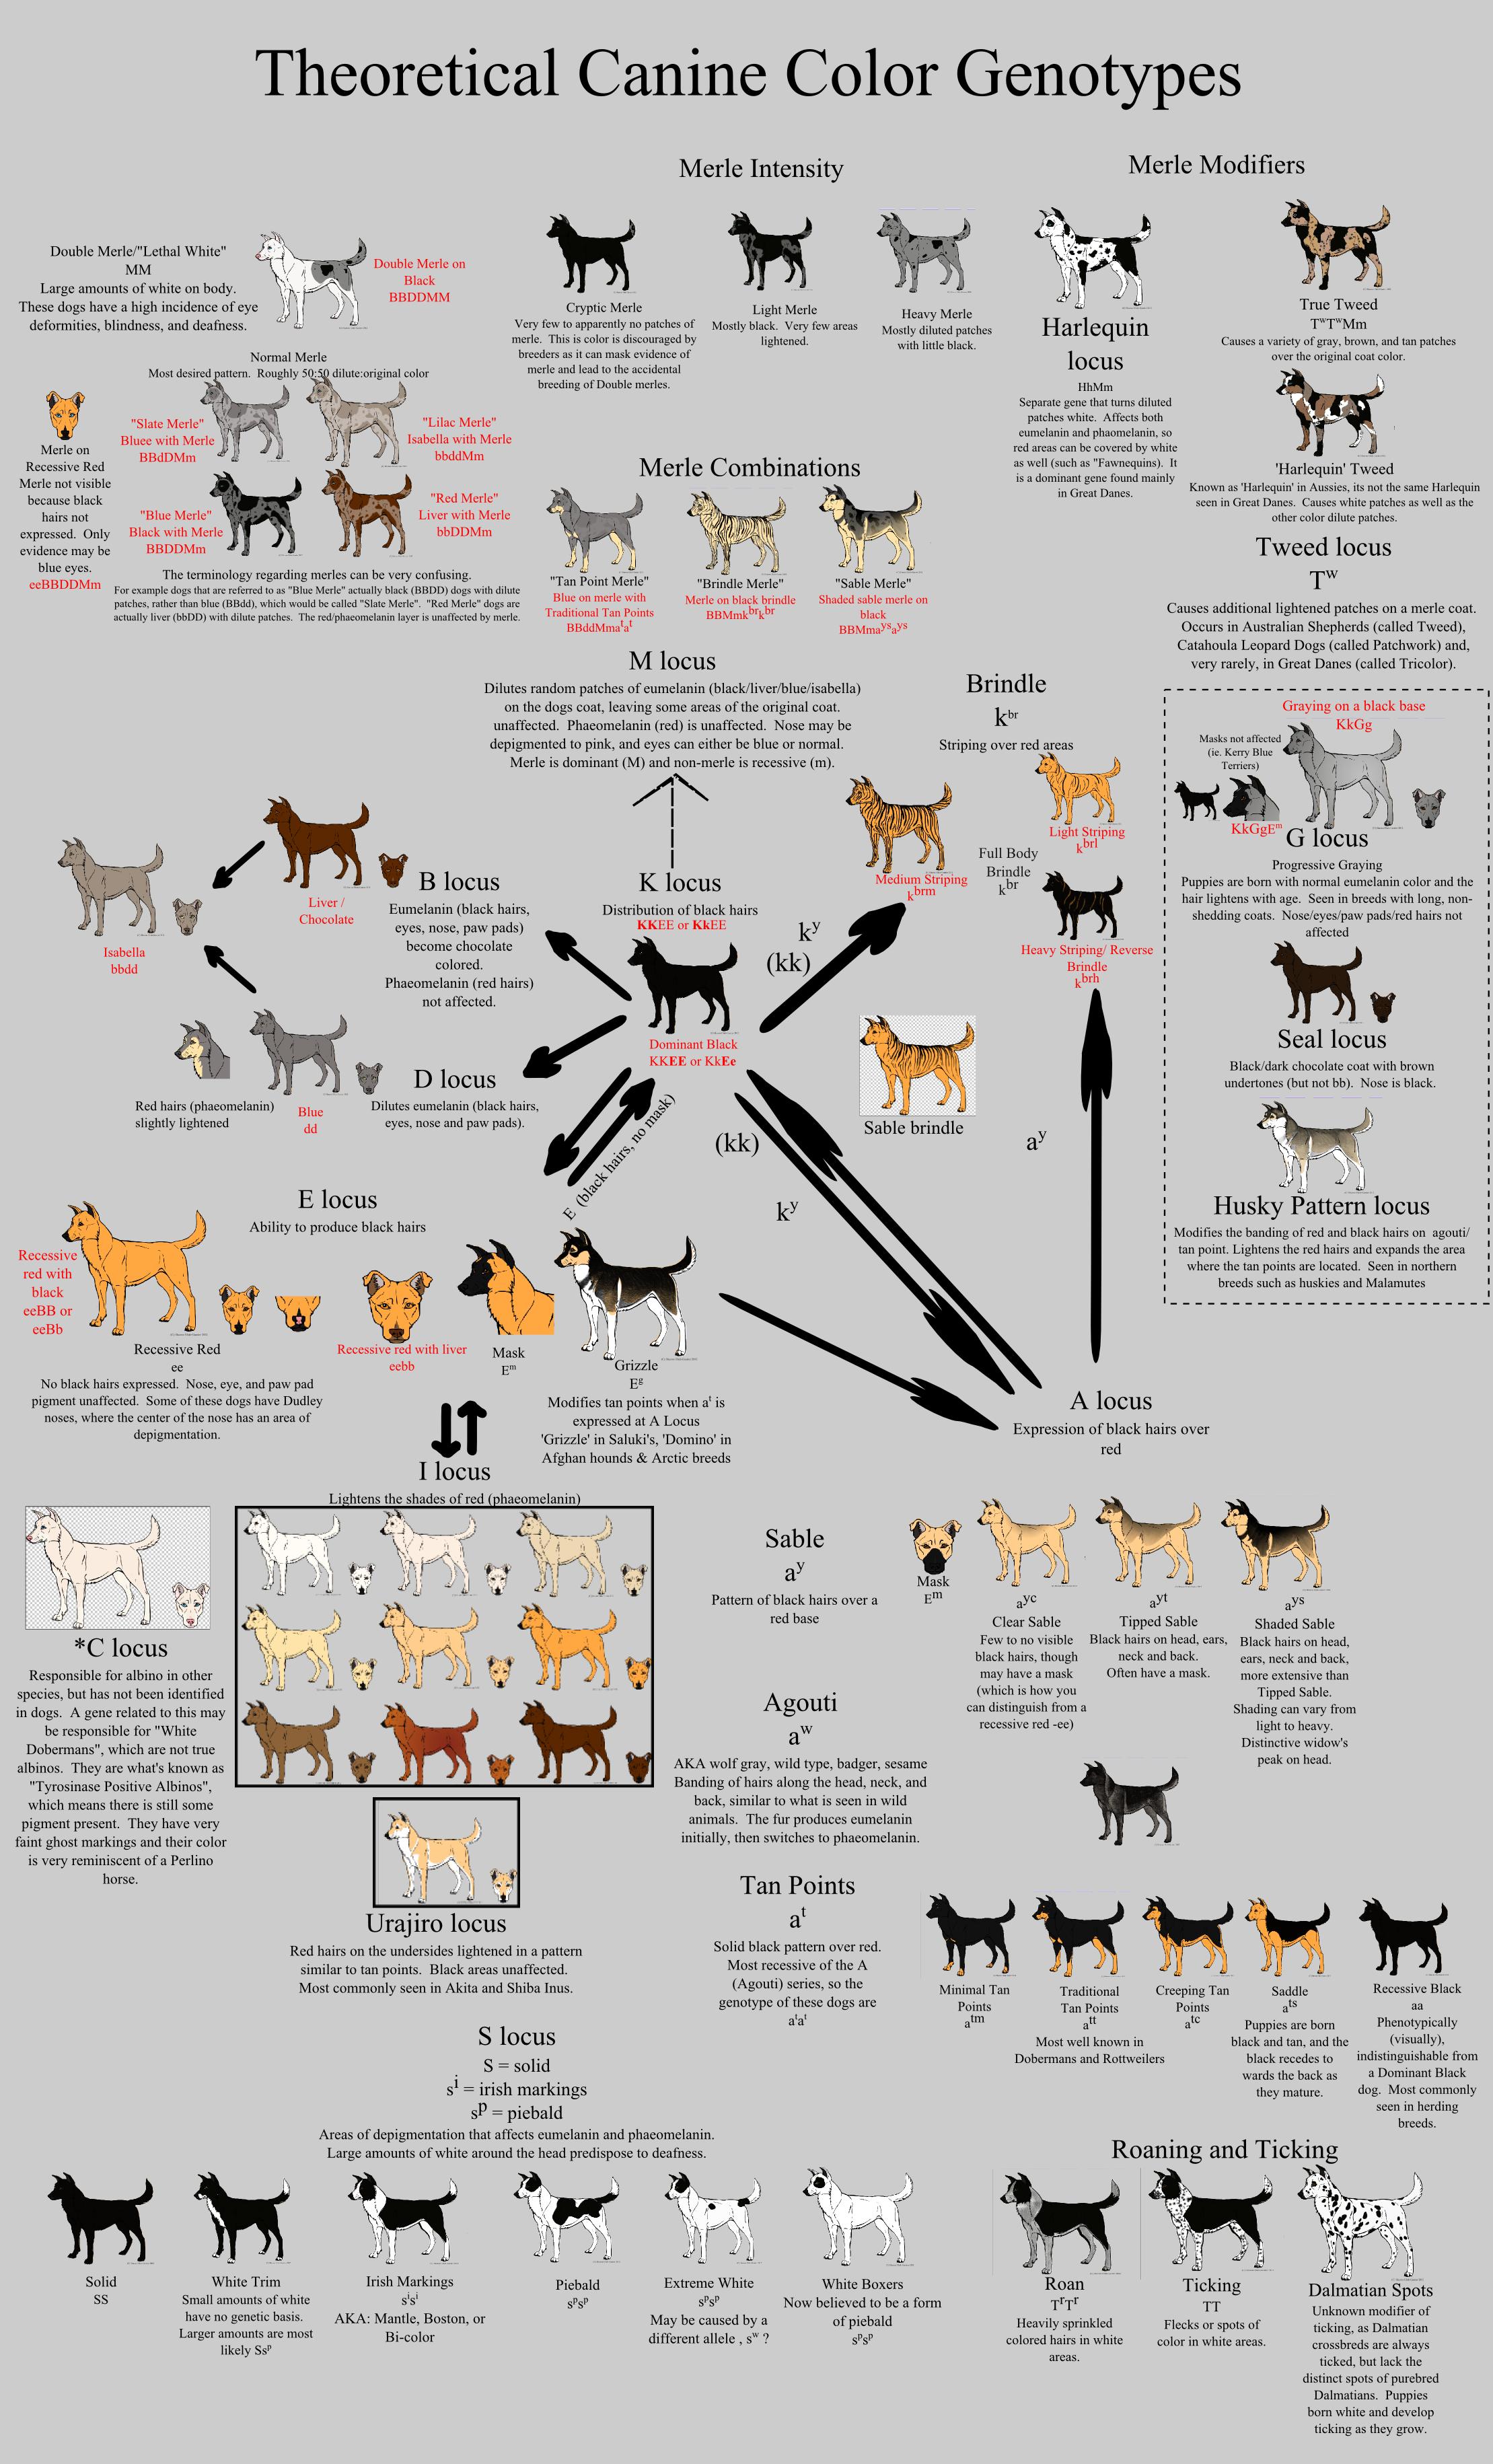 Génétique des robes et couleurs chez le chien - Page 4 Allele_guide___canine_color_by_xenothere-d5hc9y0